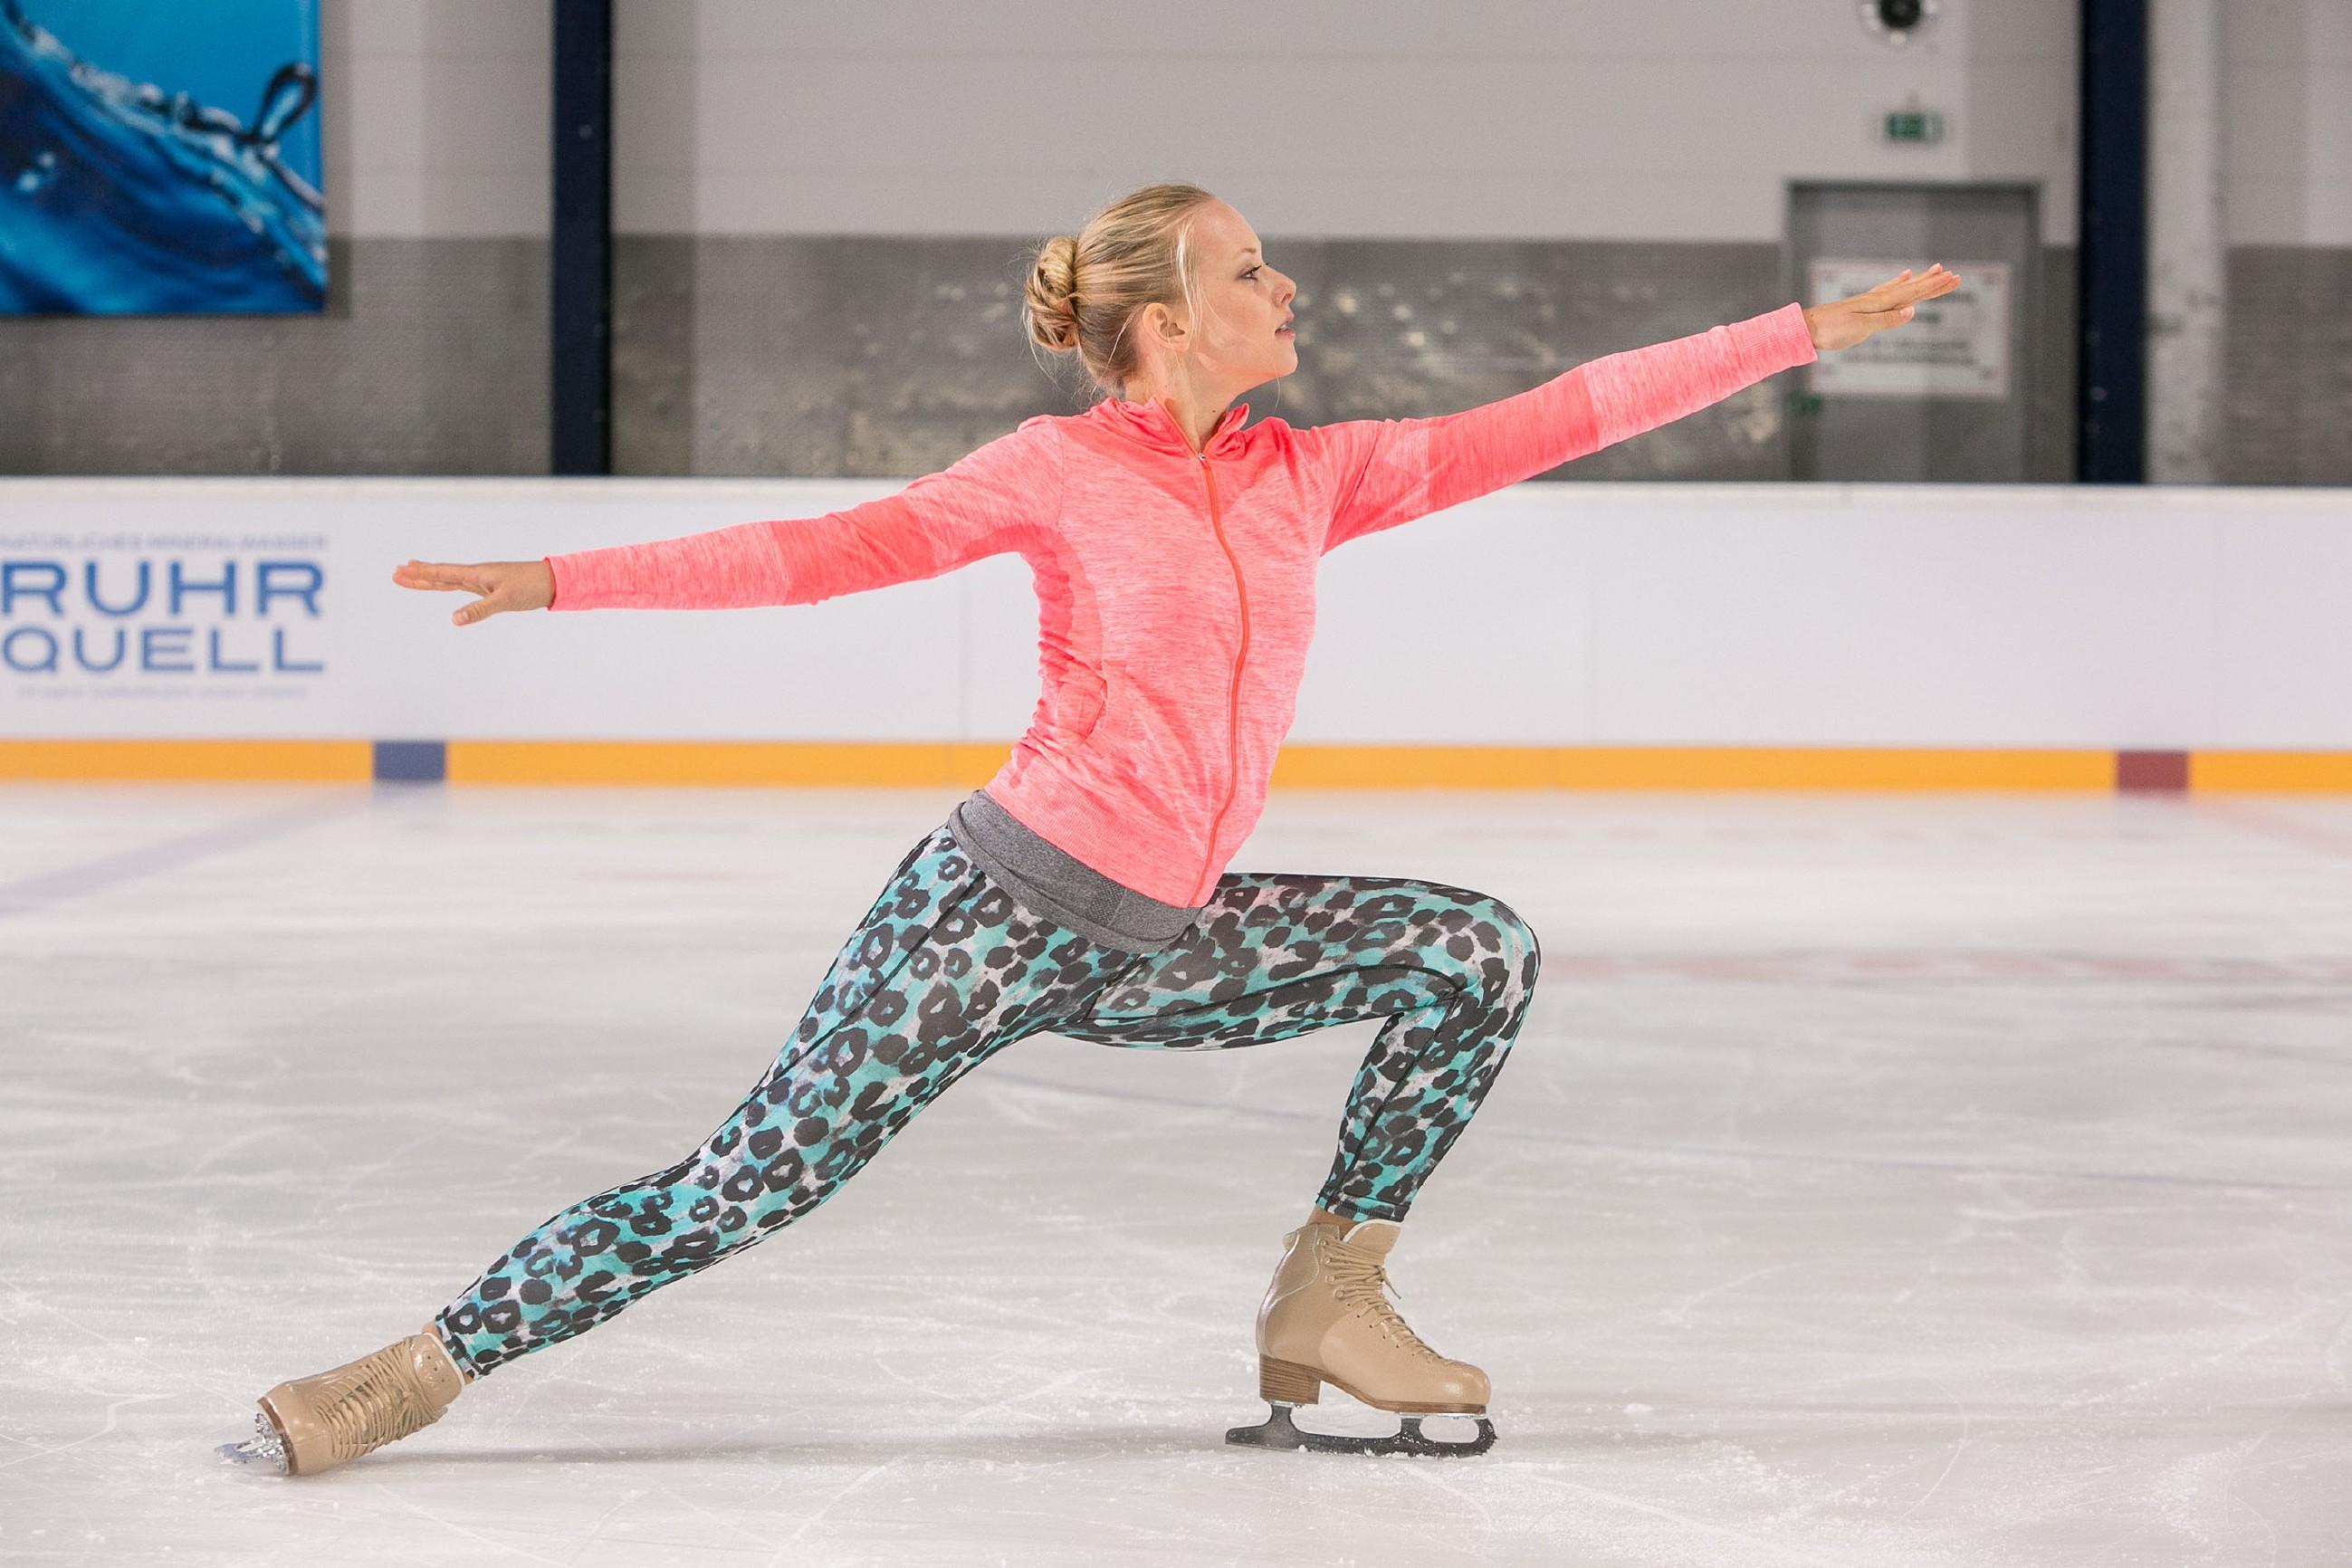 Marie (Judith Neumann) absolviert ihr Training auf dem Eis. (Quelle: © RTL / Kai Schulz)